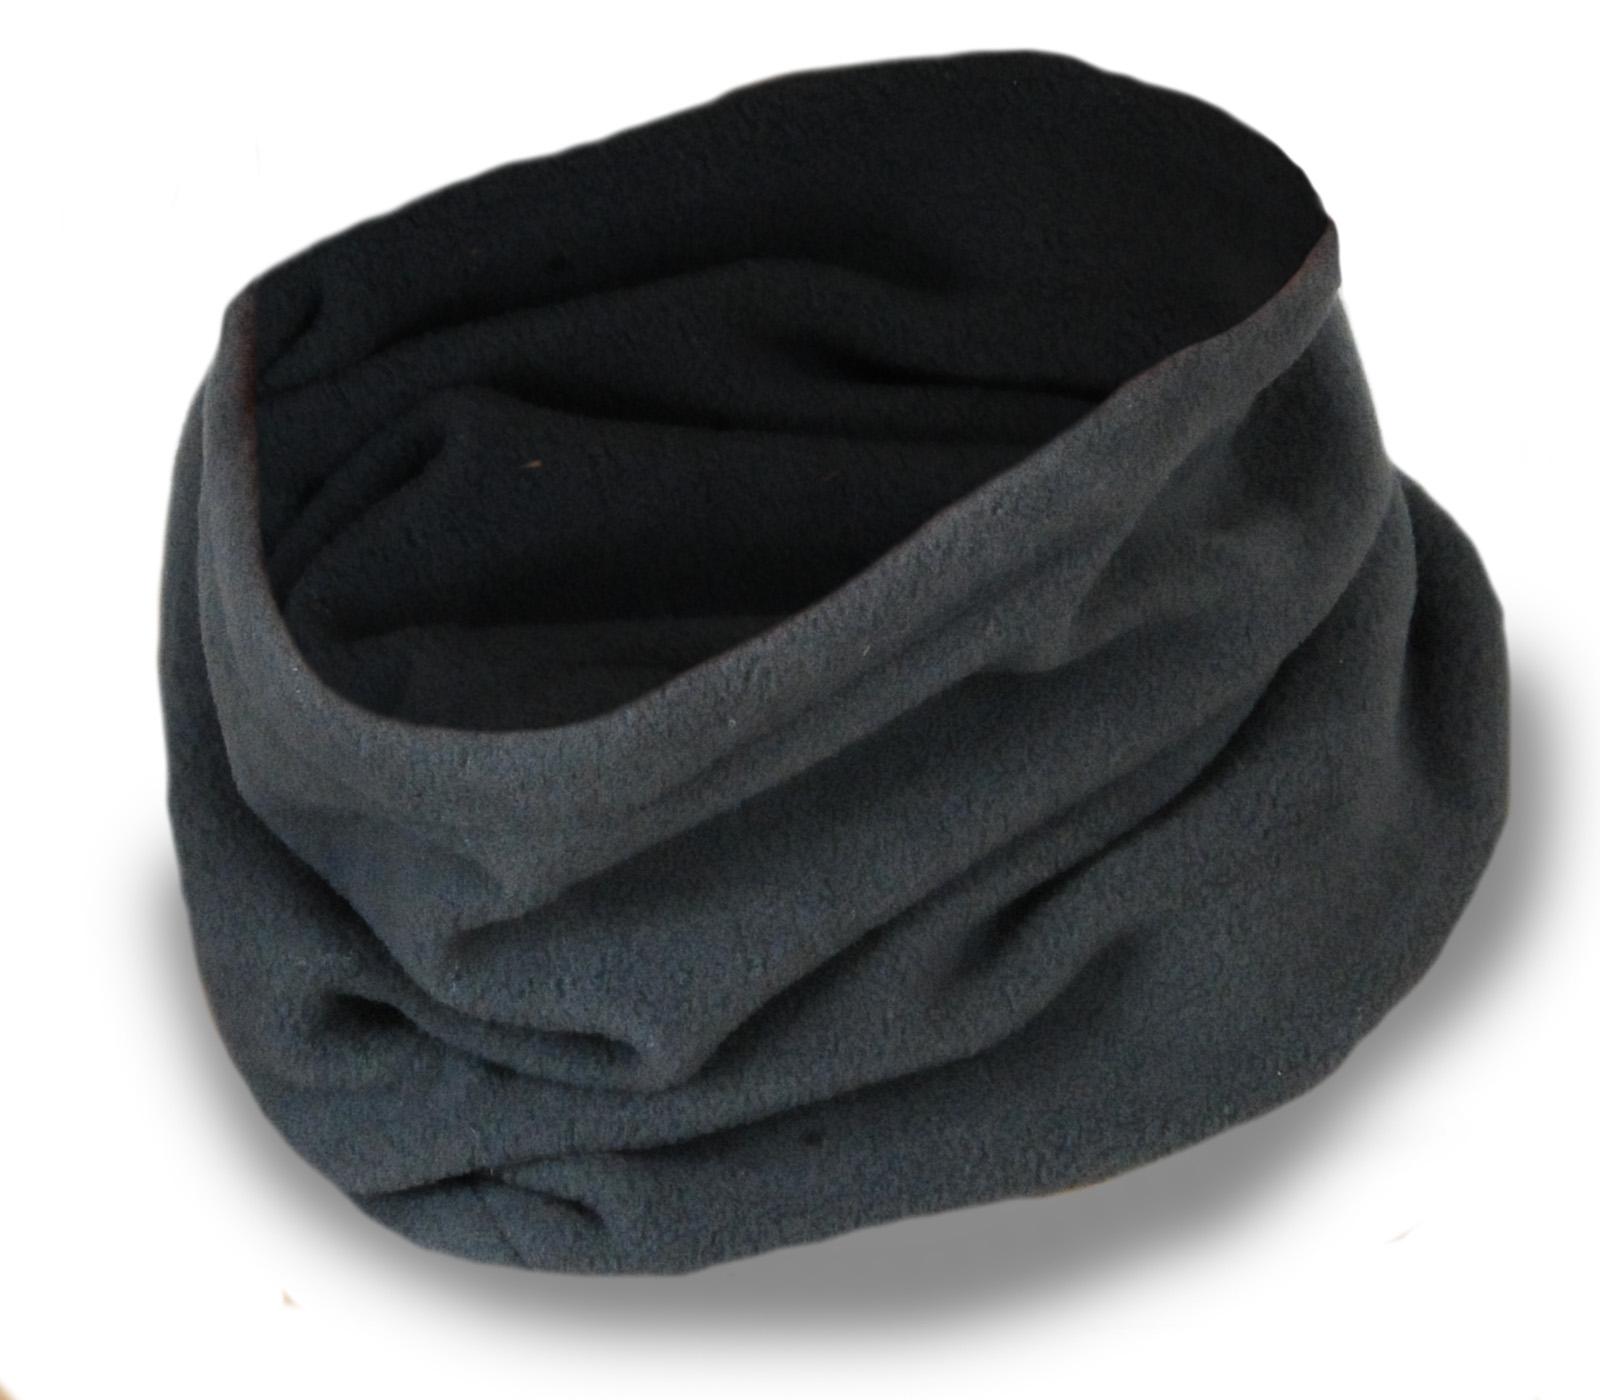 Здесь вы можете купить мужской шарф снуд с быстрой доставкой